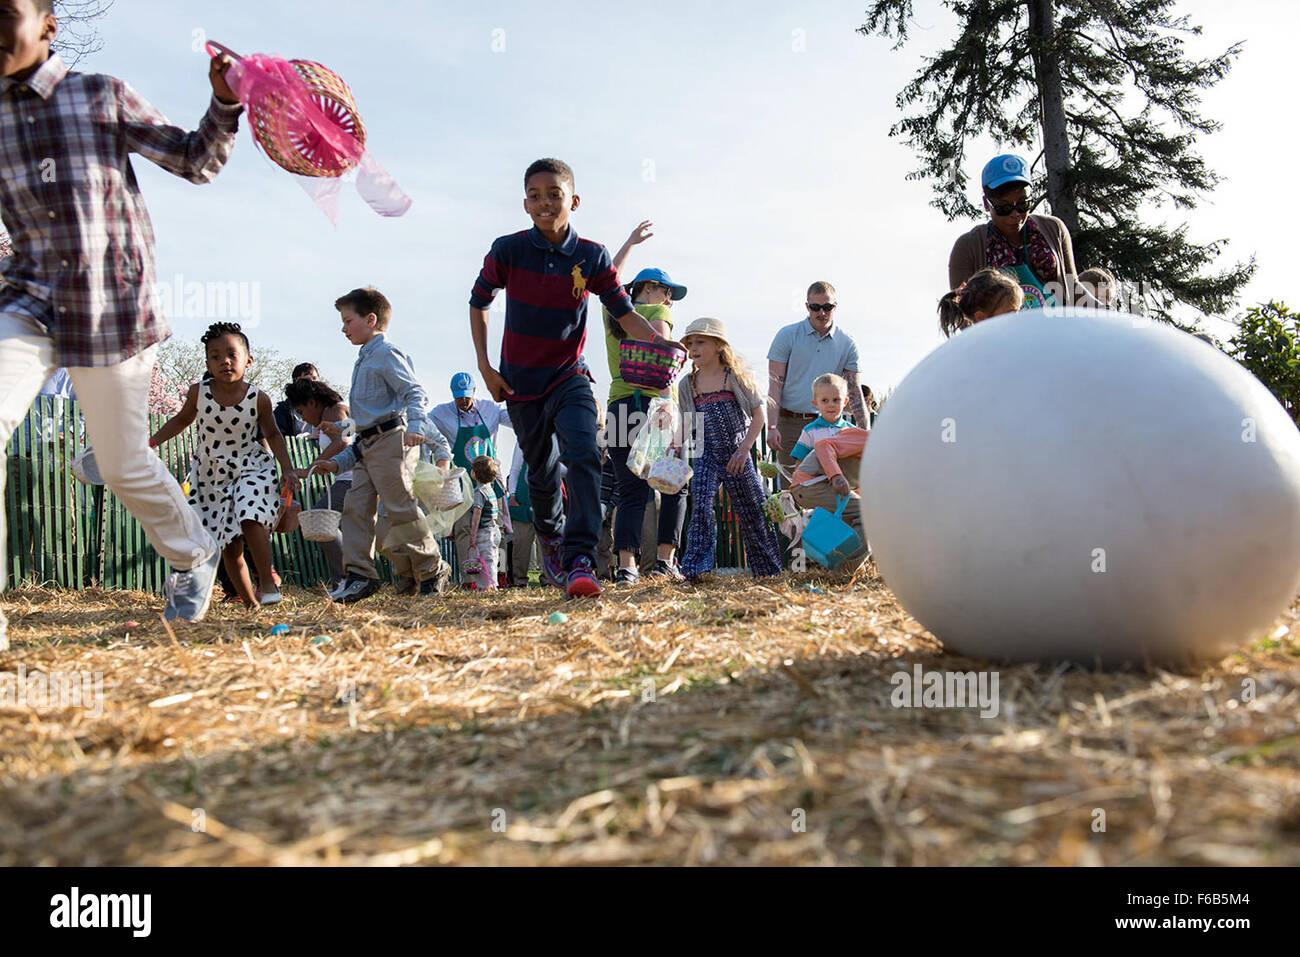 Chasse aux oeufs les enfants au cours de l'assemblée annuelle aux Œufs de Pâques à la Maison Photo Stock